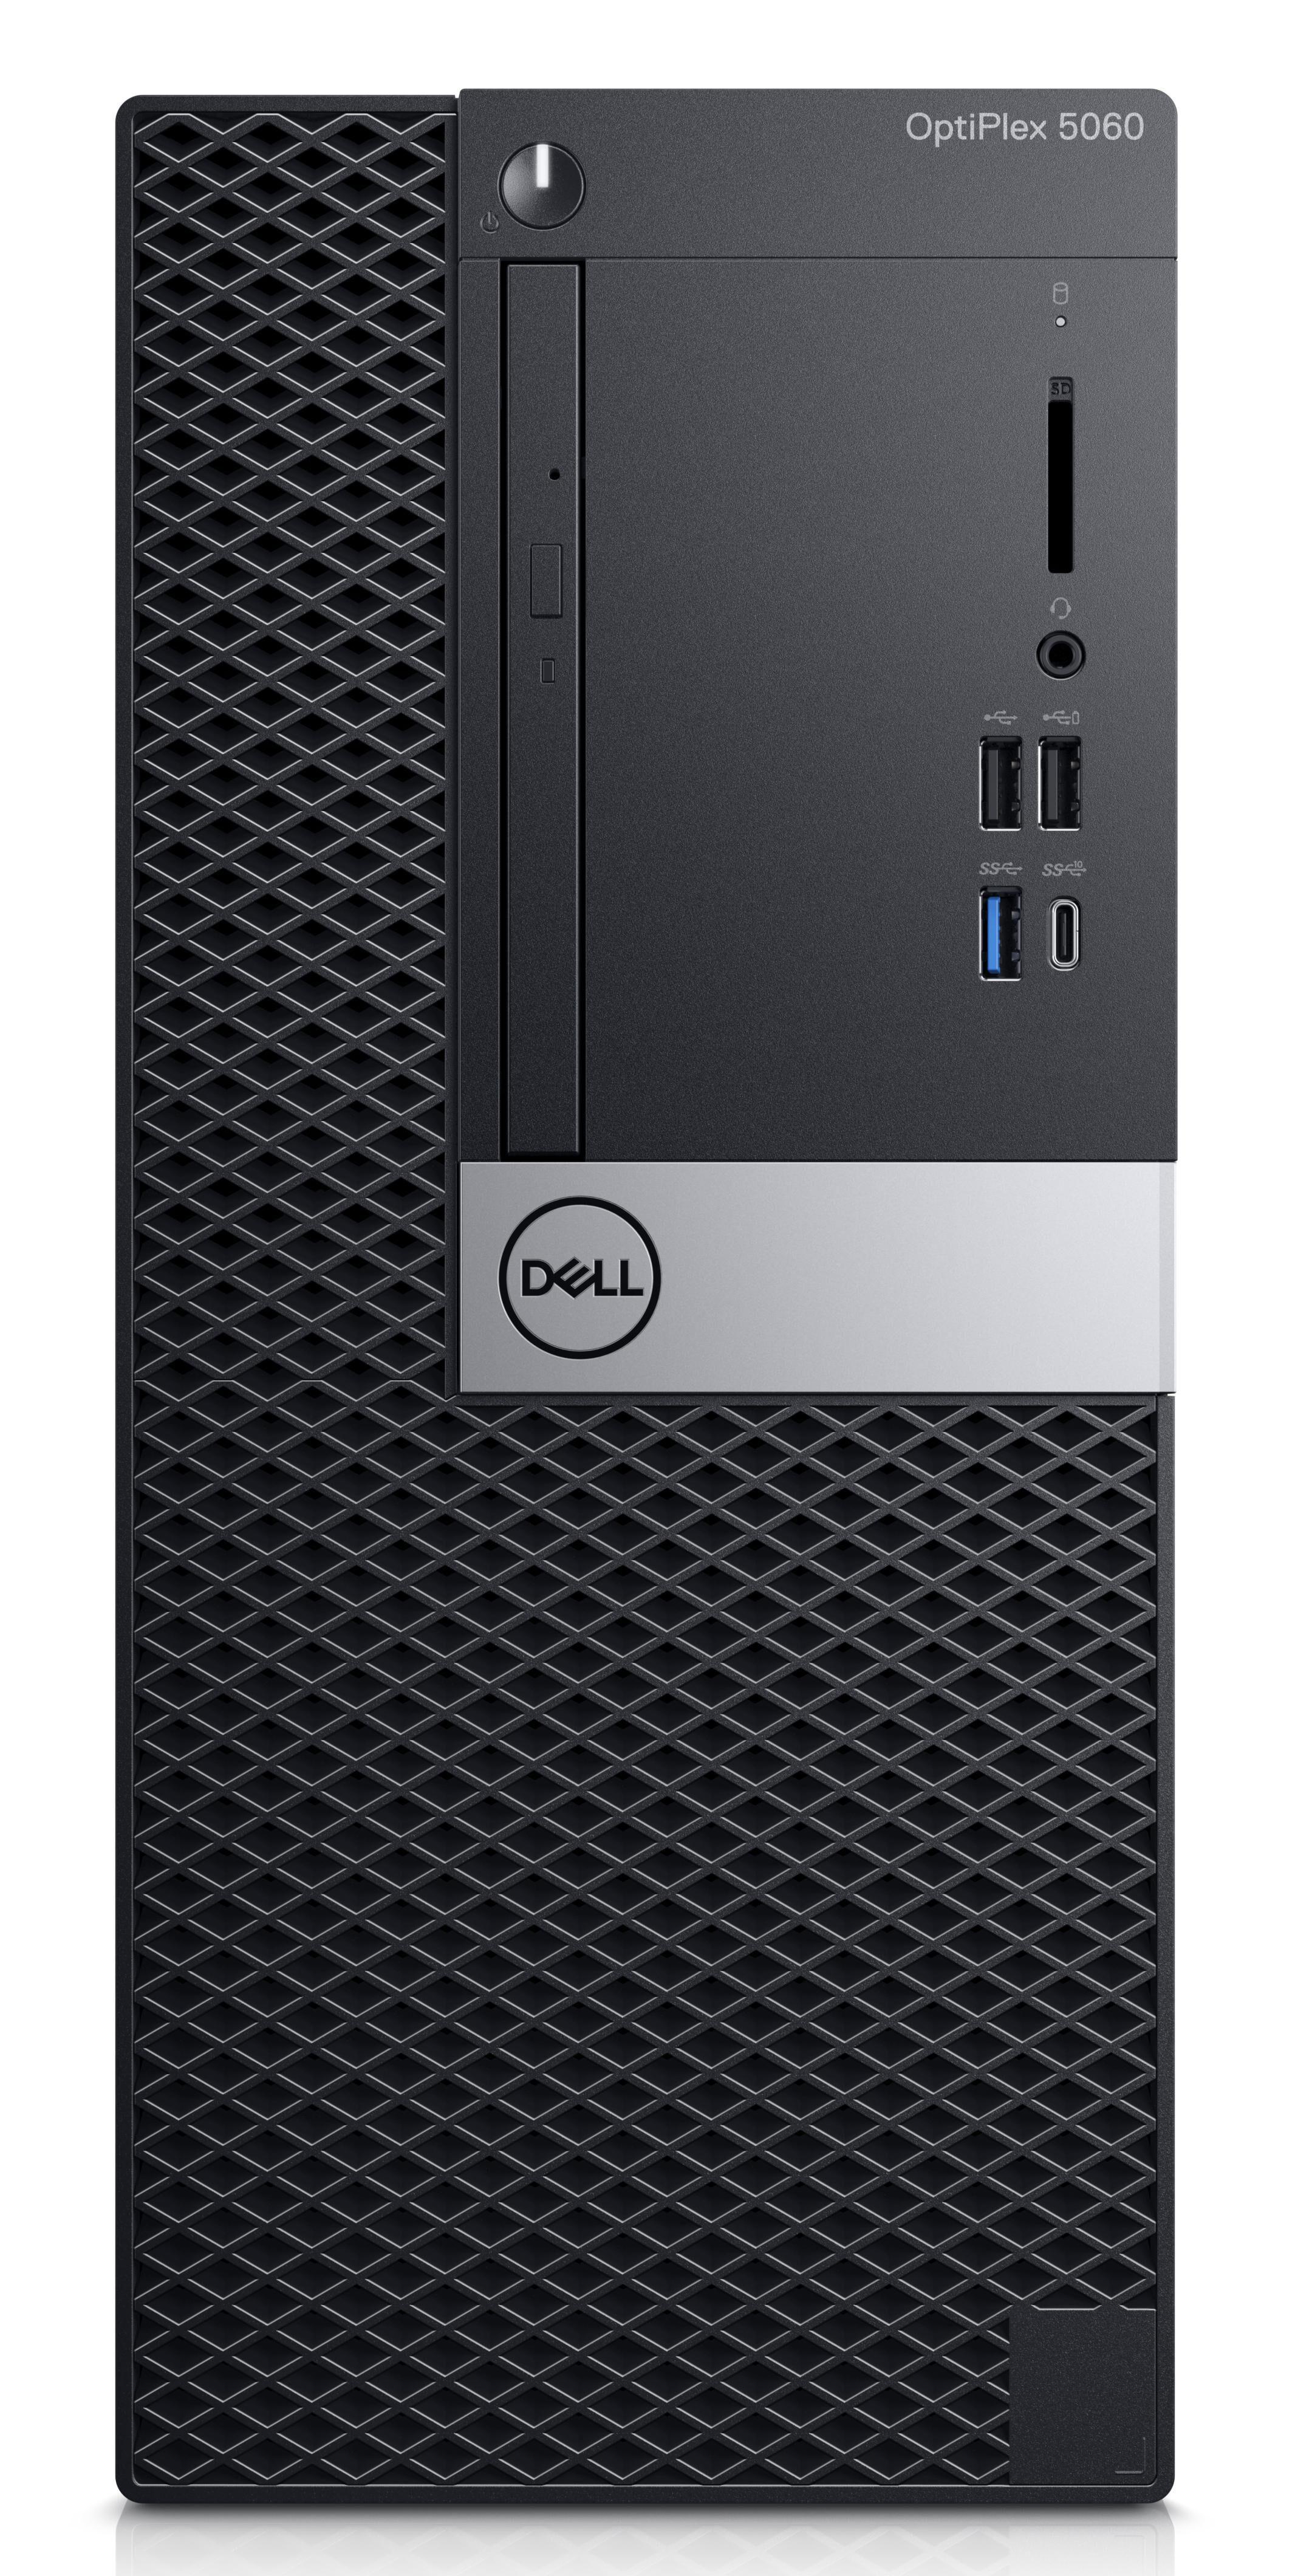 DELL OptiPlex 5060 3 GHz Intel® Core? i5 de 8e génération i5-8500 Noir Mini Tour PC